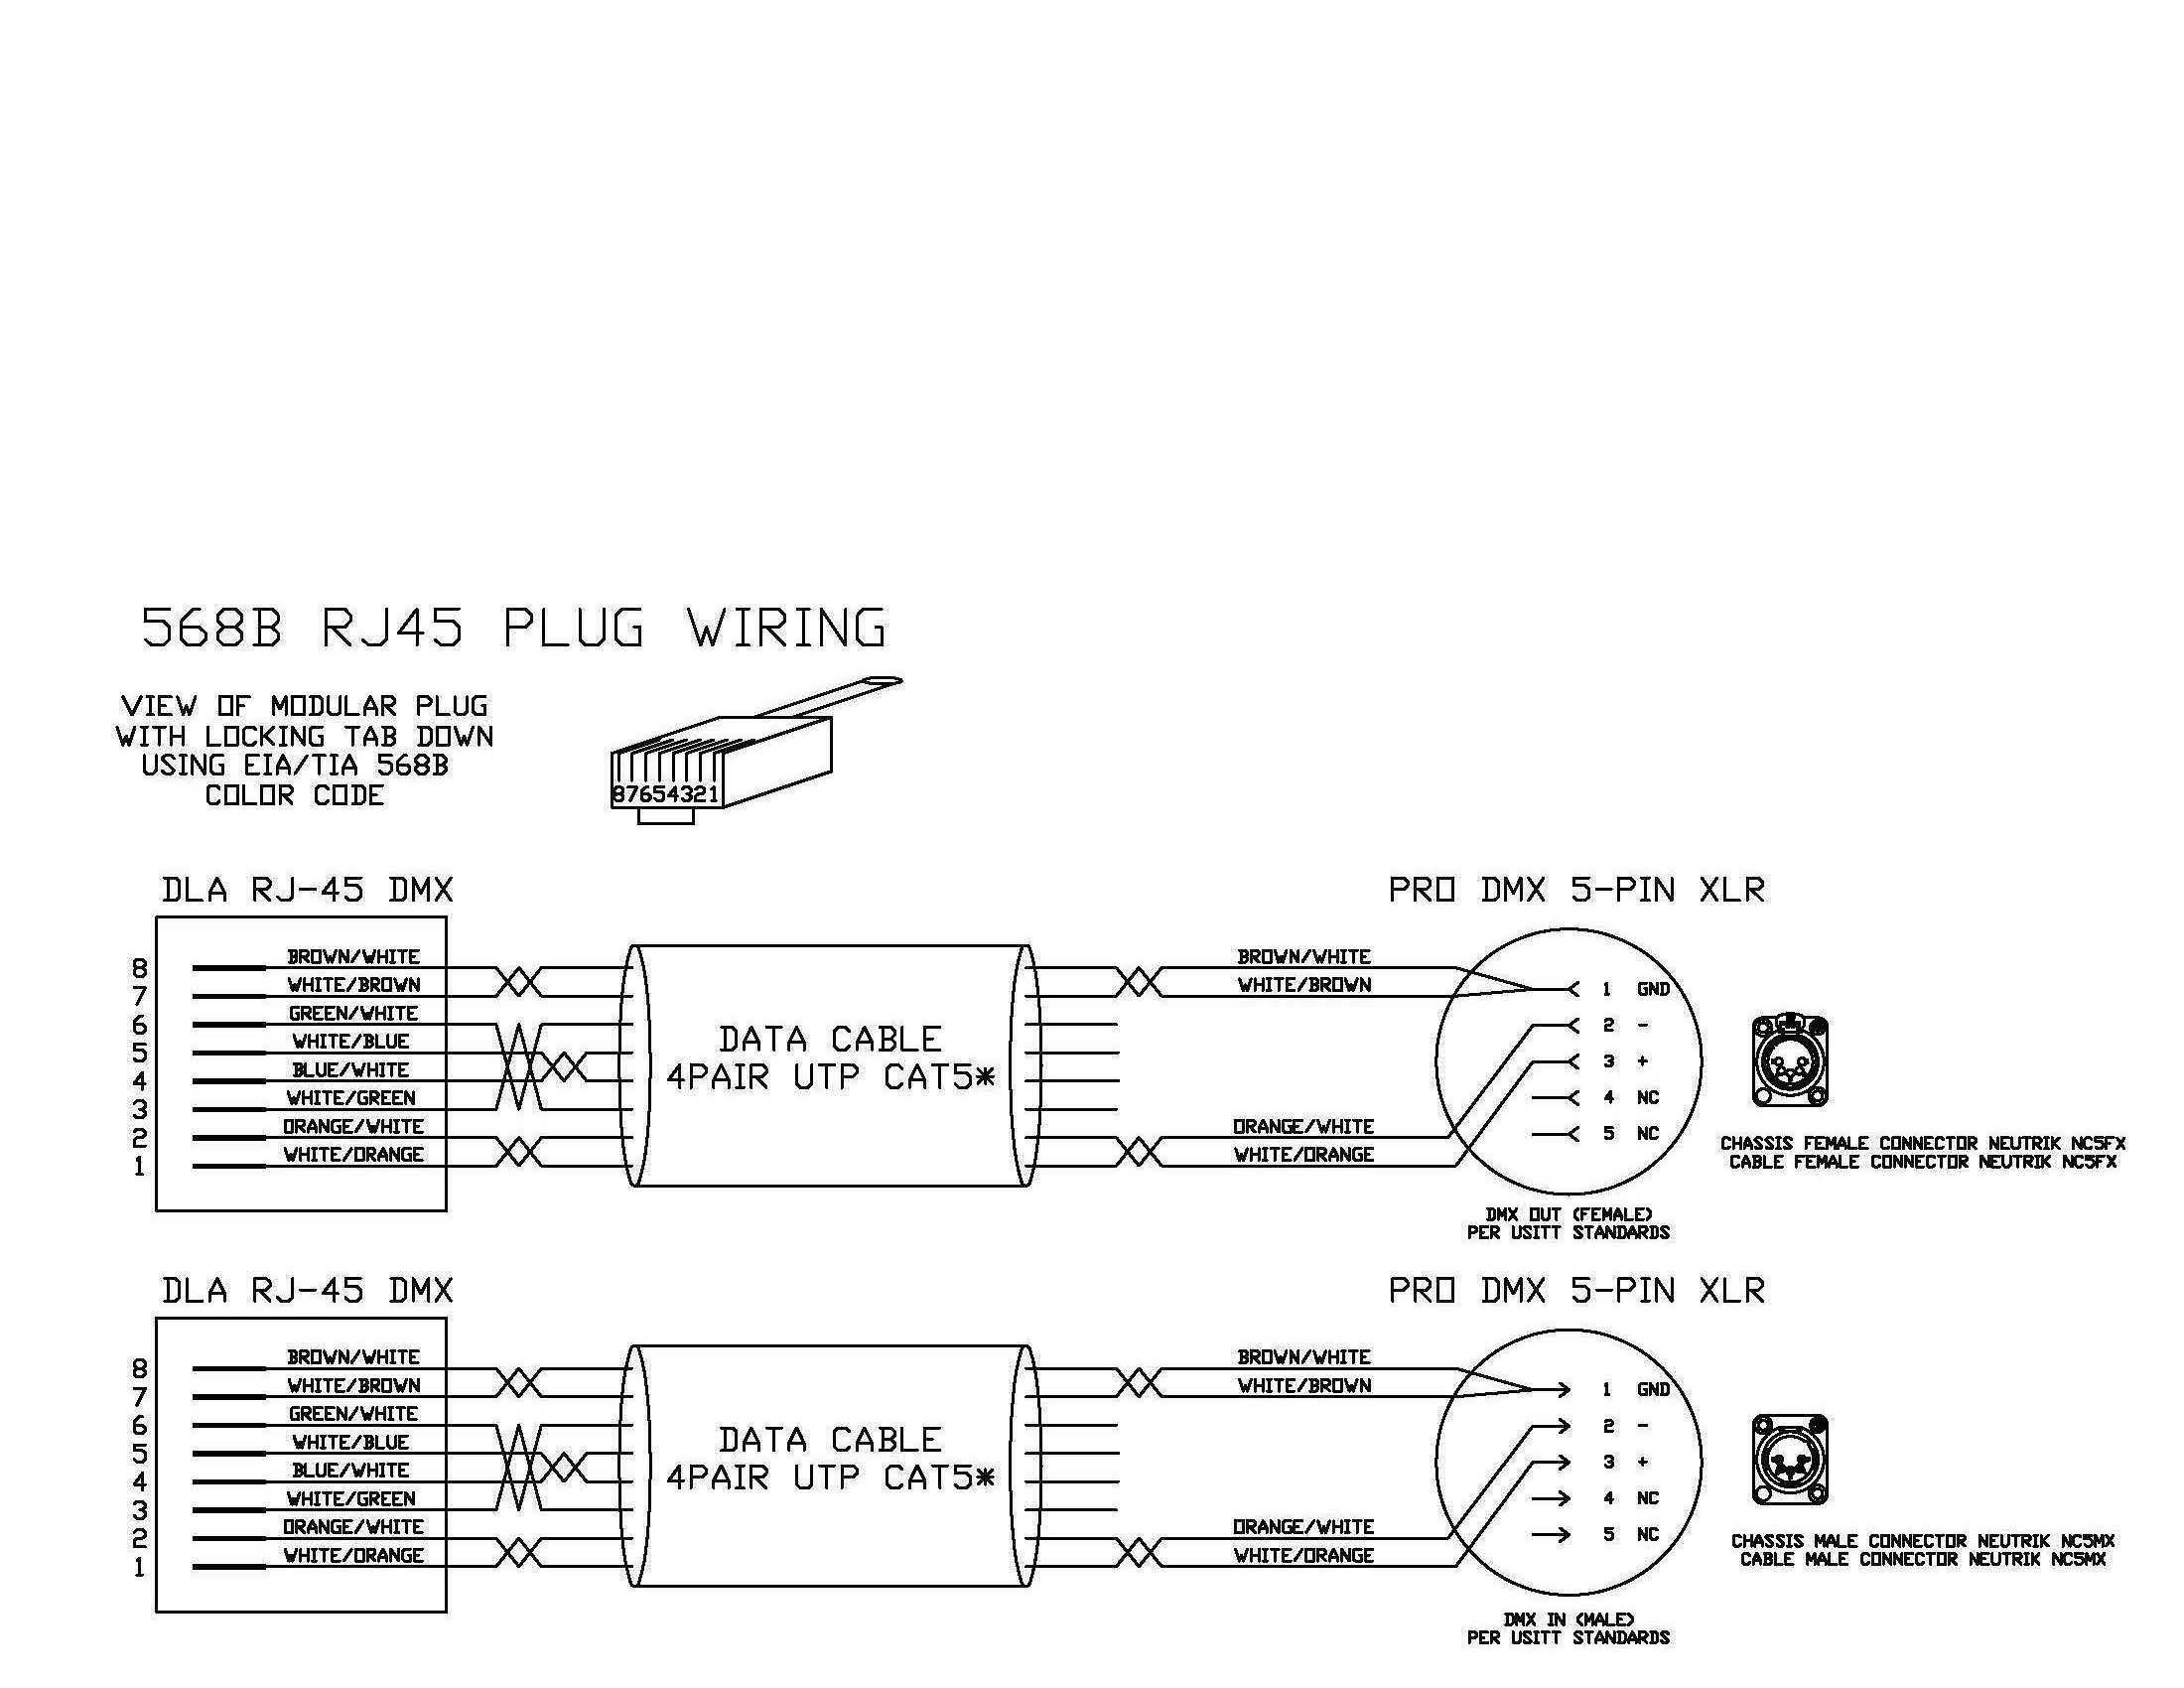 Elegant Wiring Diagram For Apple Charger Diagrams Digramssample Diagramimages Check More At Https Electrical Wiring Diagram Diagram Trailer Wiring Diagram